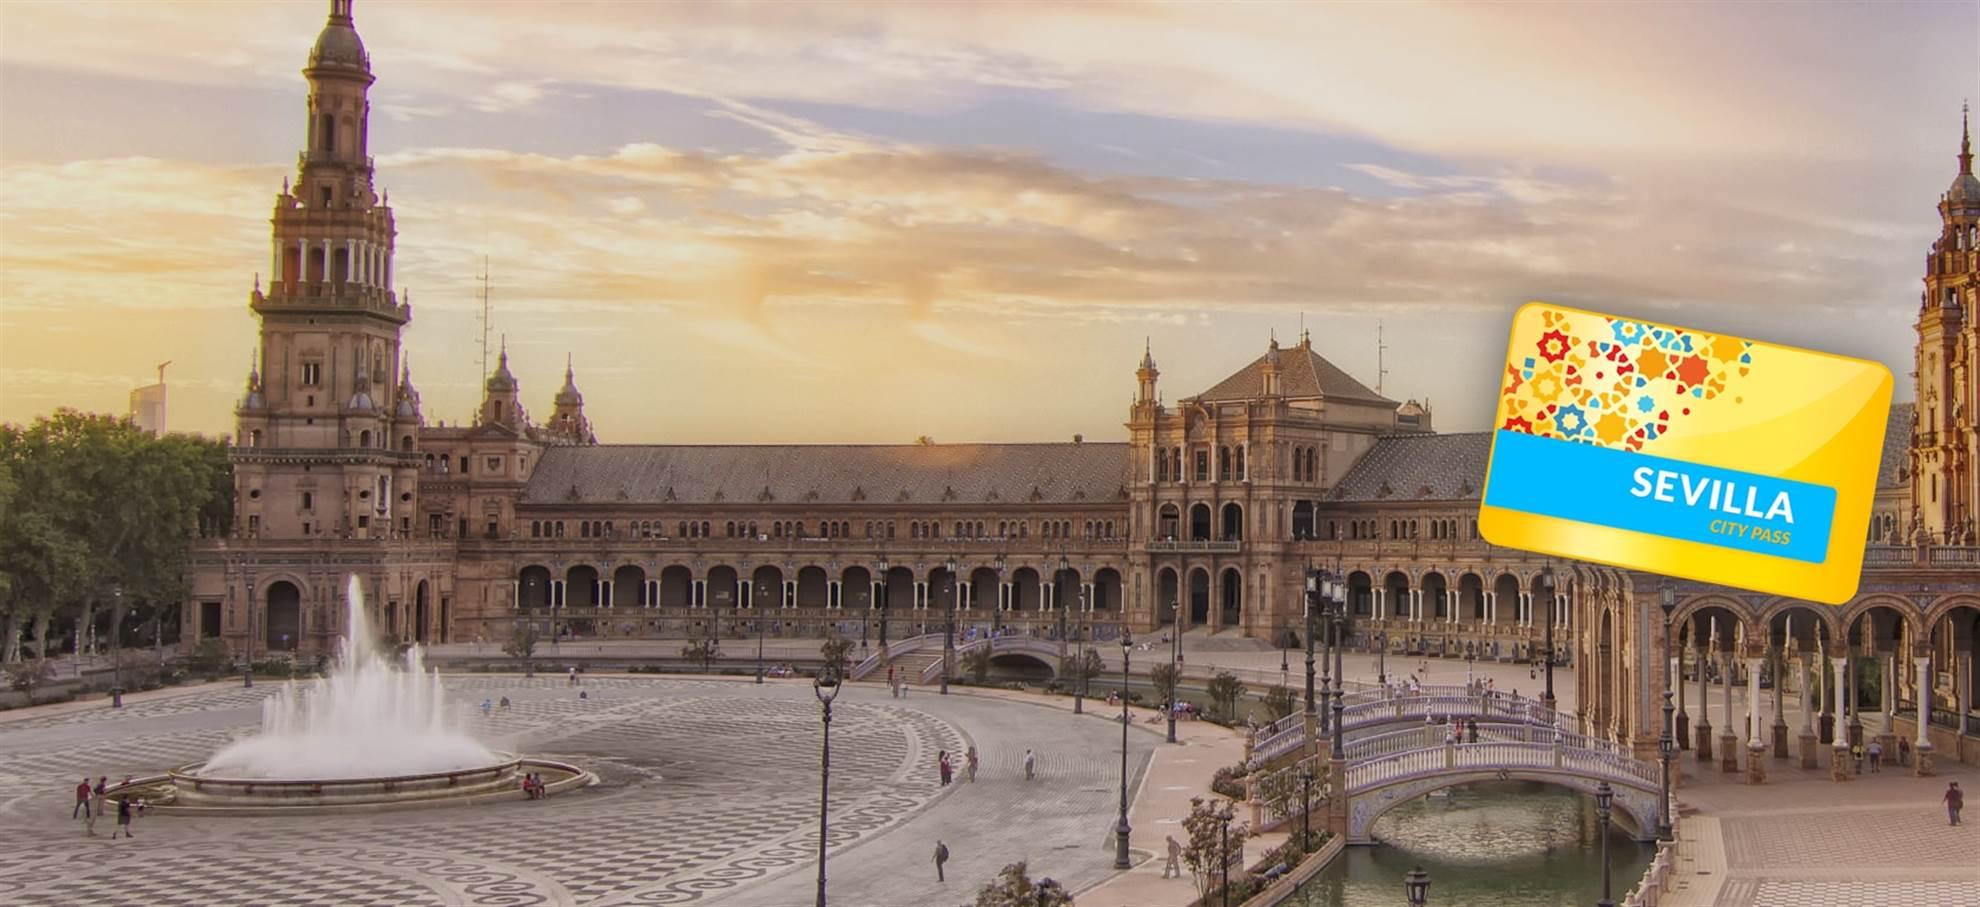 Cartão da Cidade de Sevilha  (Alcazar, Catedral, Transporte público)